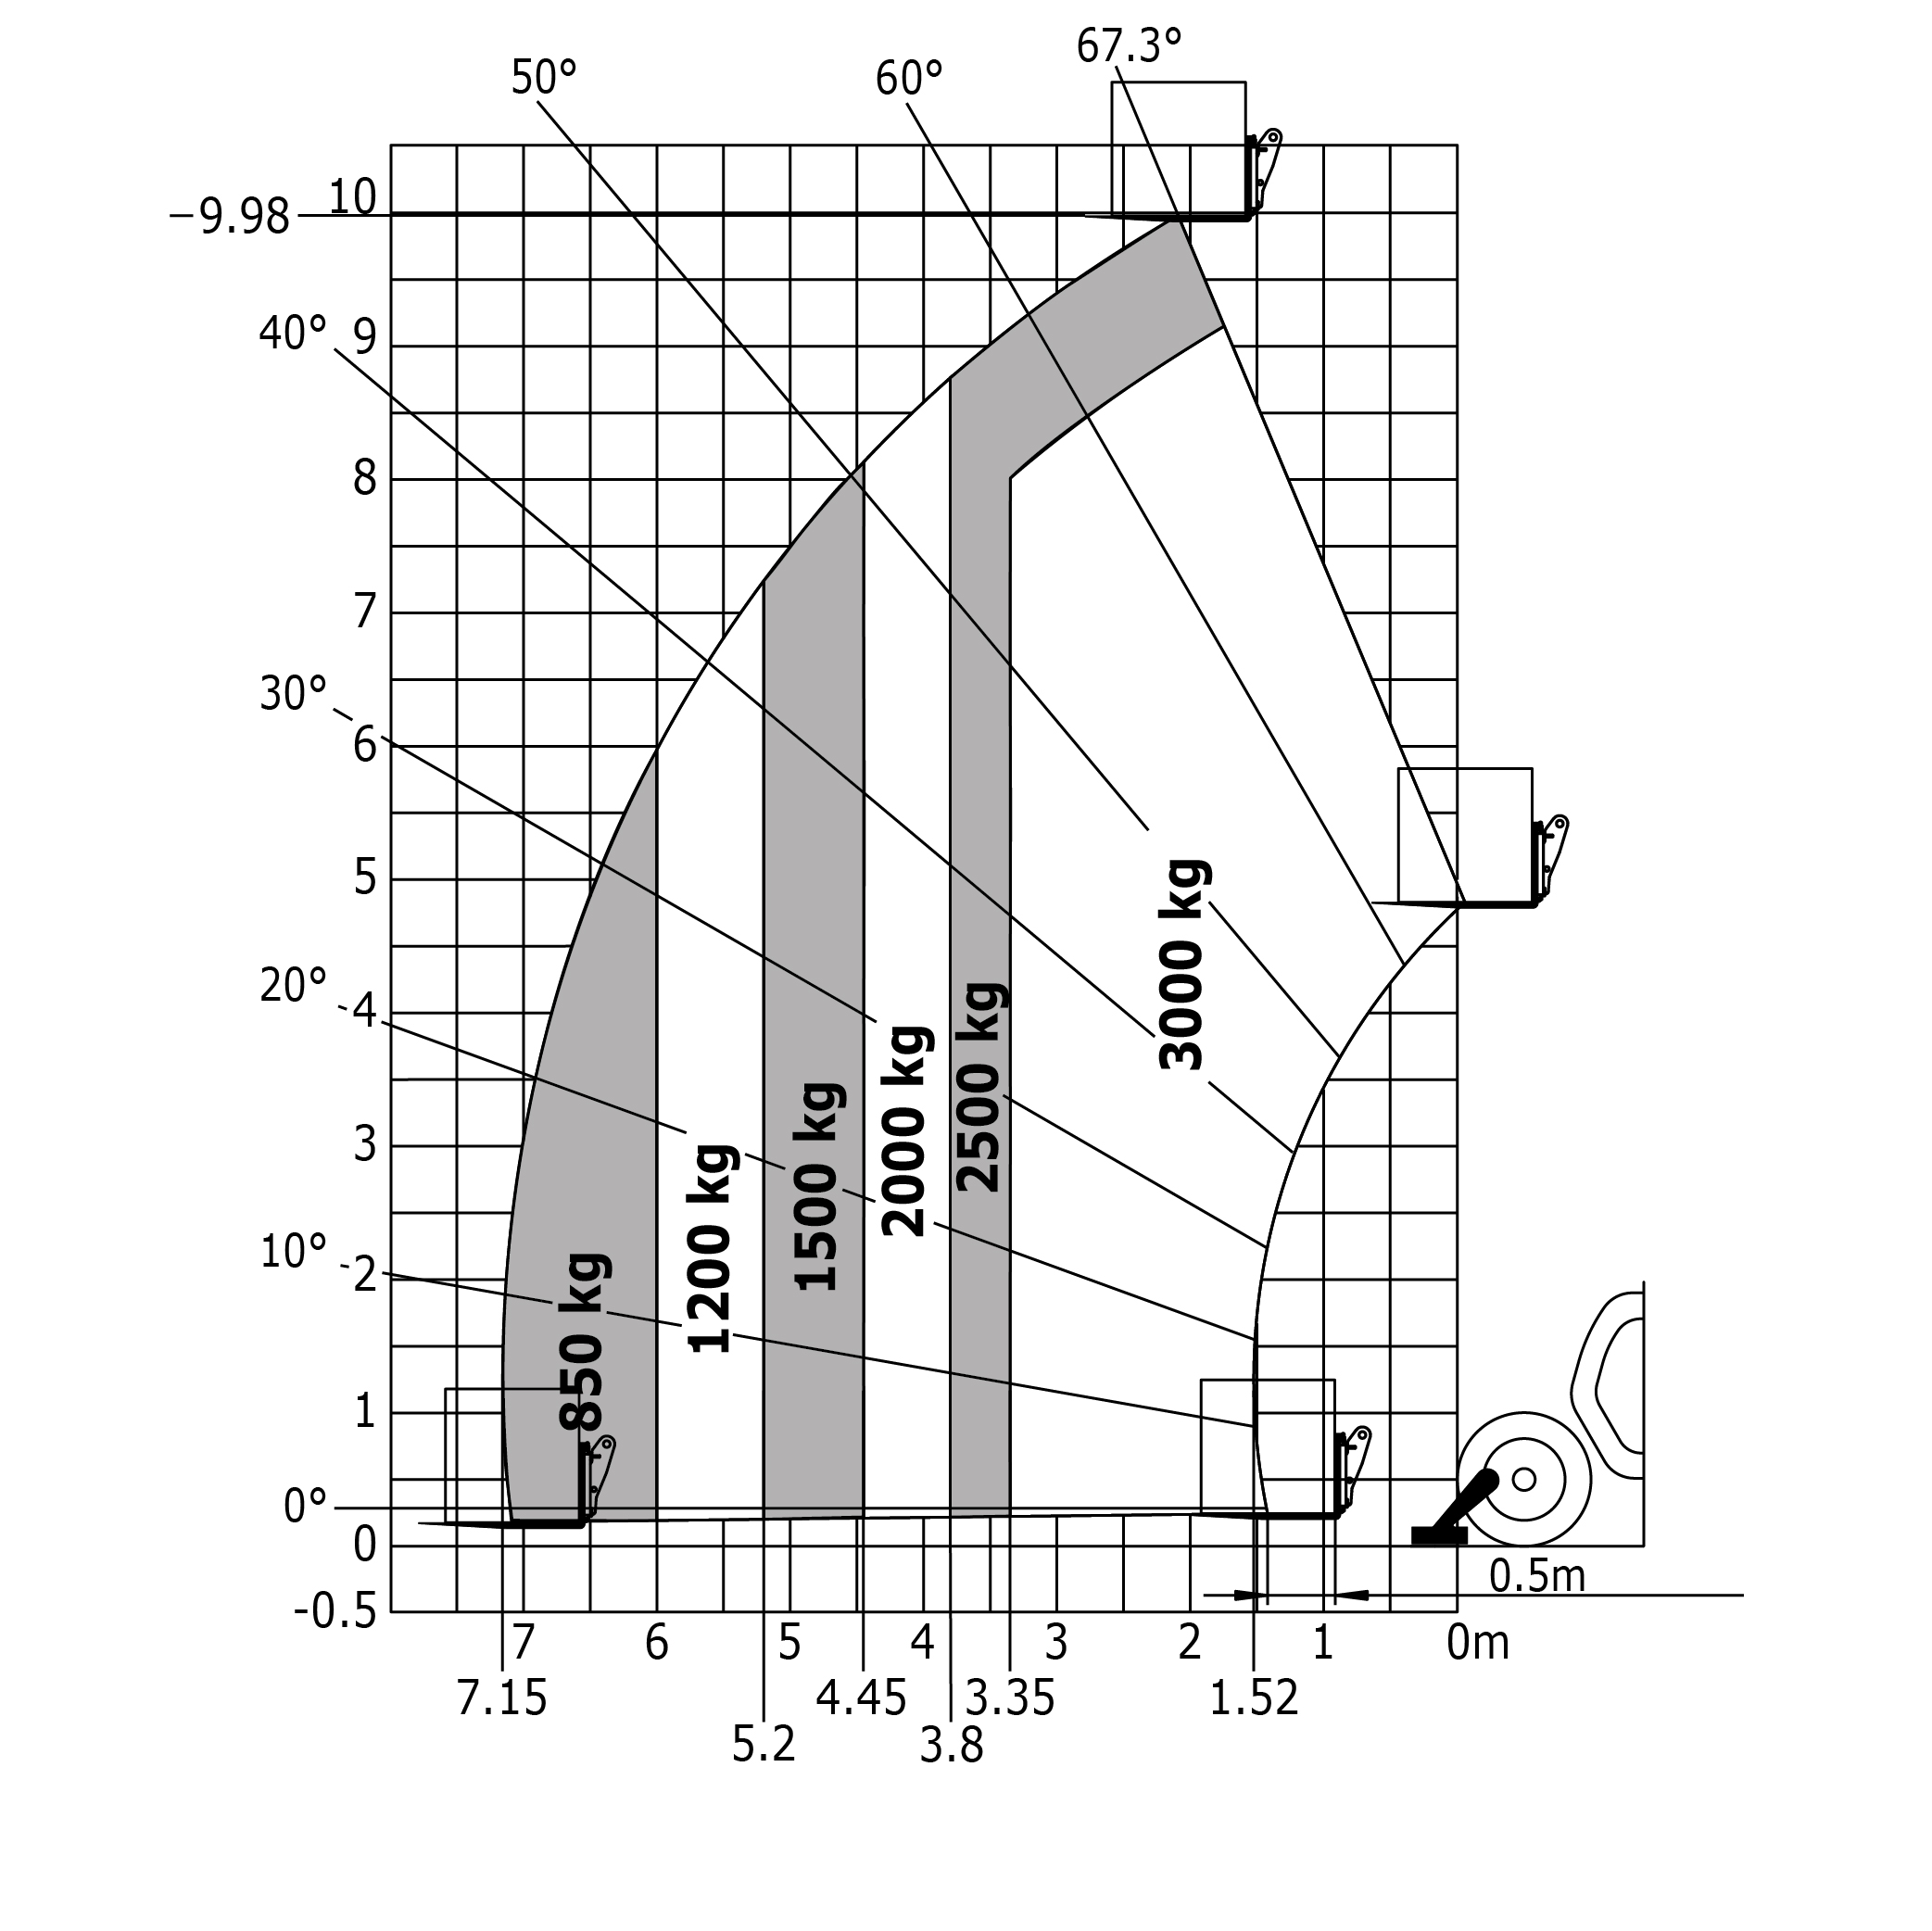 Miraculous Manitou Msi30 Wiring Diagram Auto Electrical Wiring Diagram Wiring Digital Resources Hetepmognl